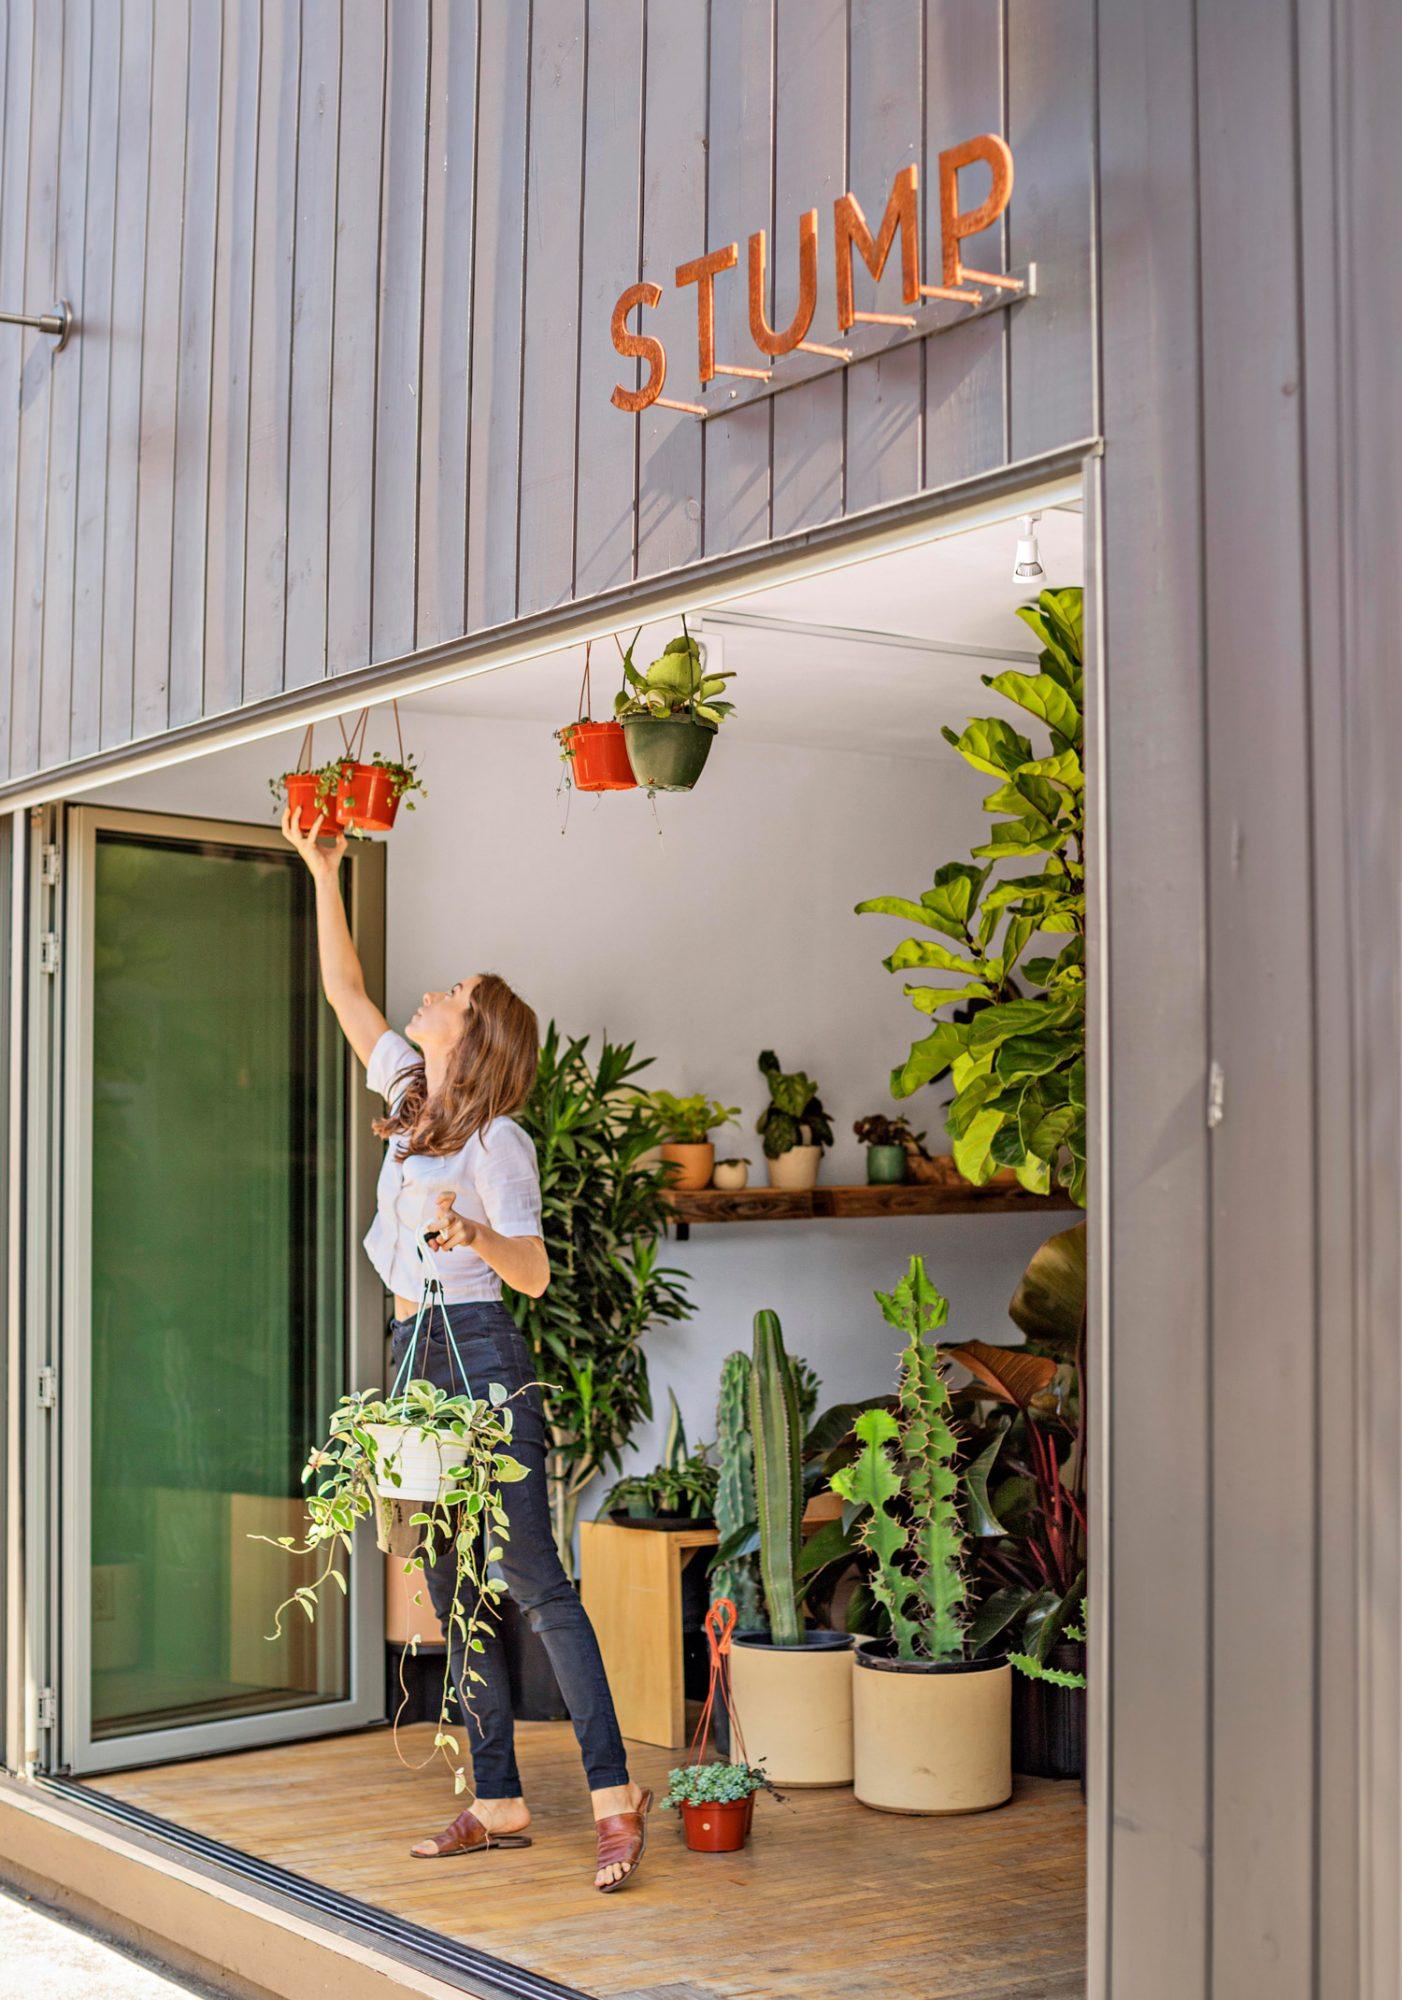 Stump plant shop